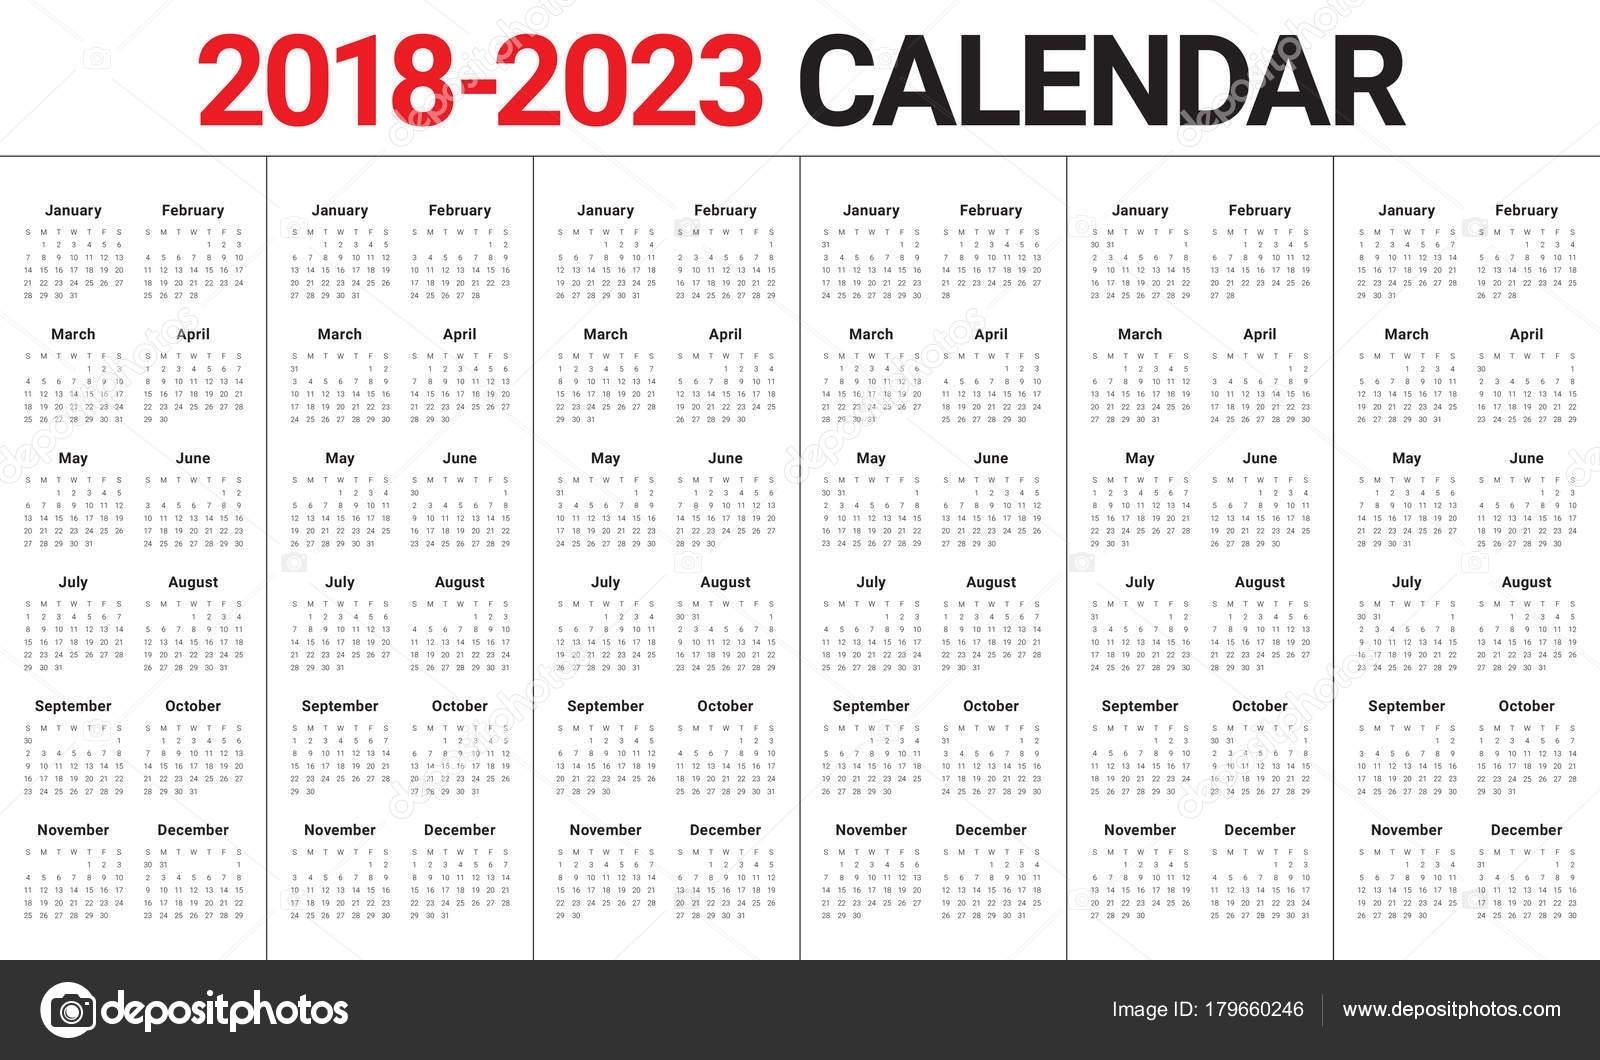 Year 2018 2019 2020 2021 2022 2023 Calendar Vector — Stock Vector © Dolphfynlow #179660246